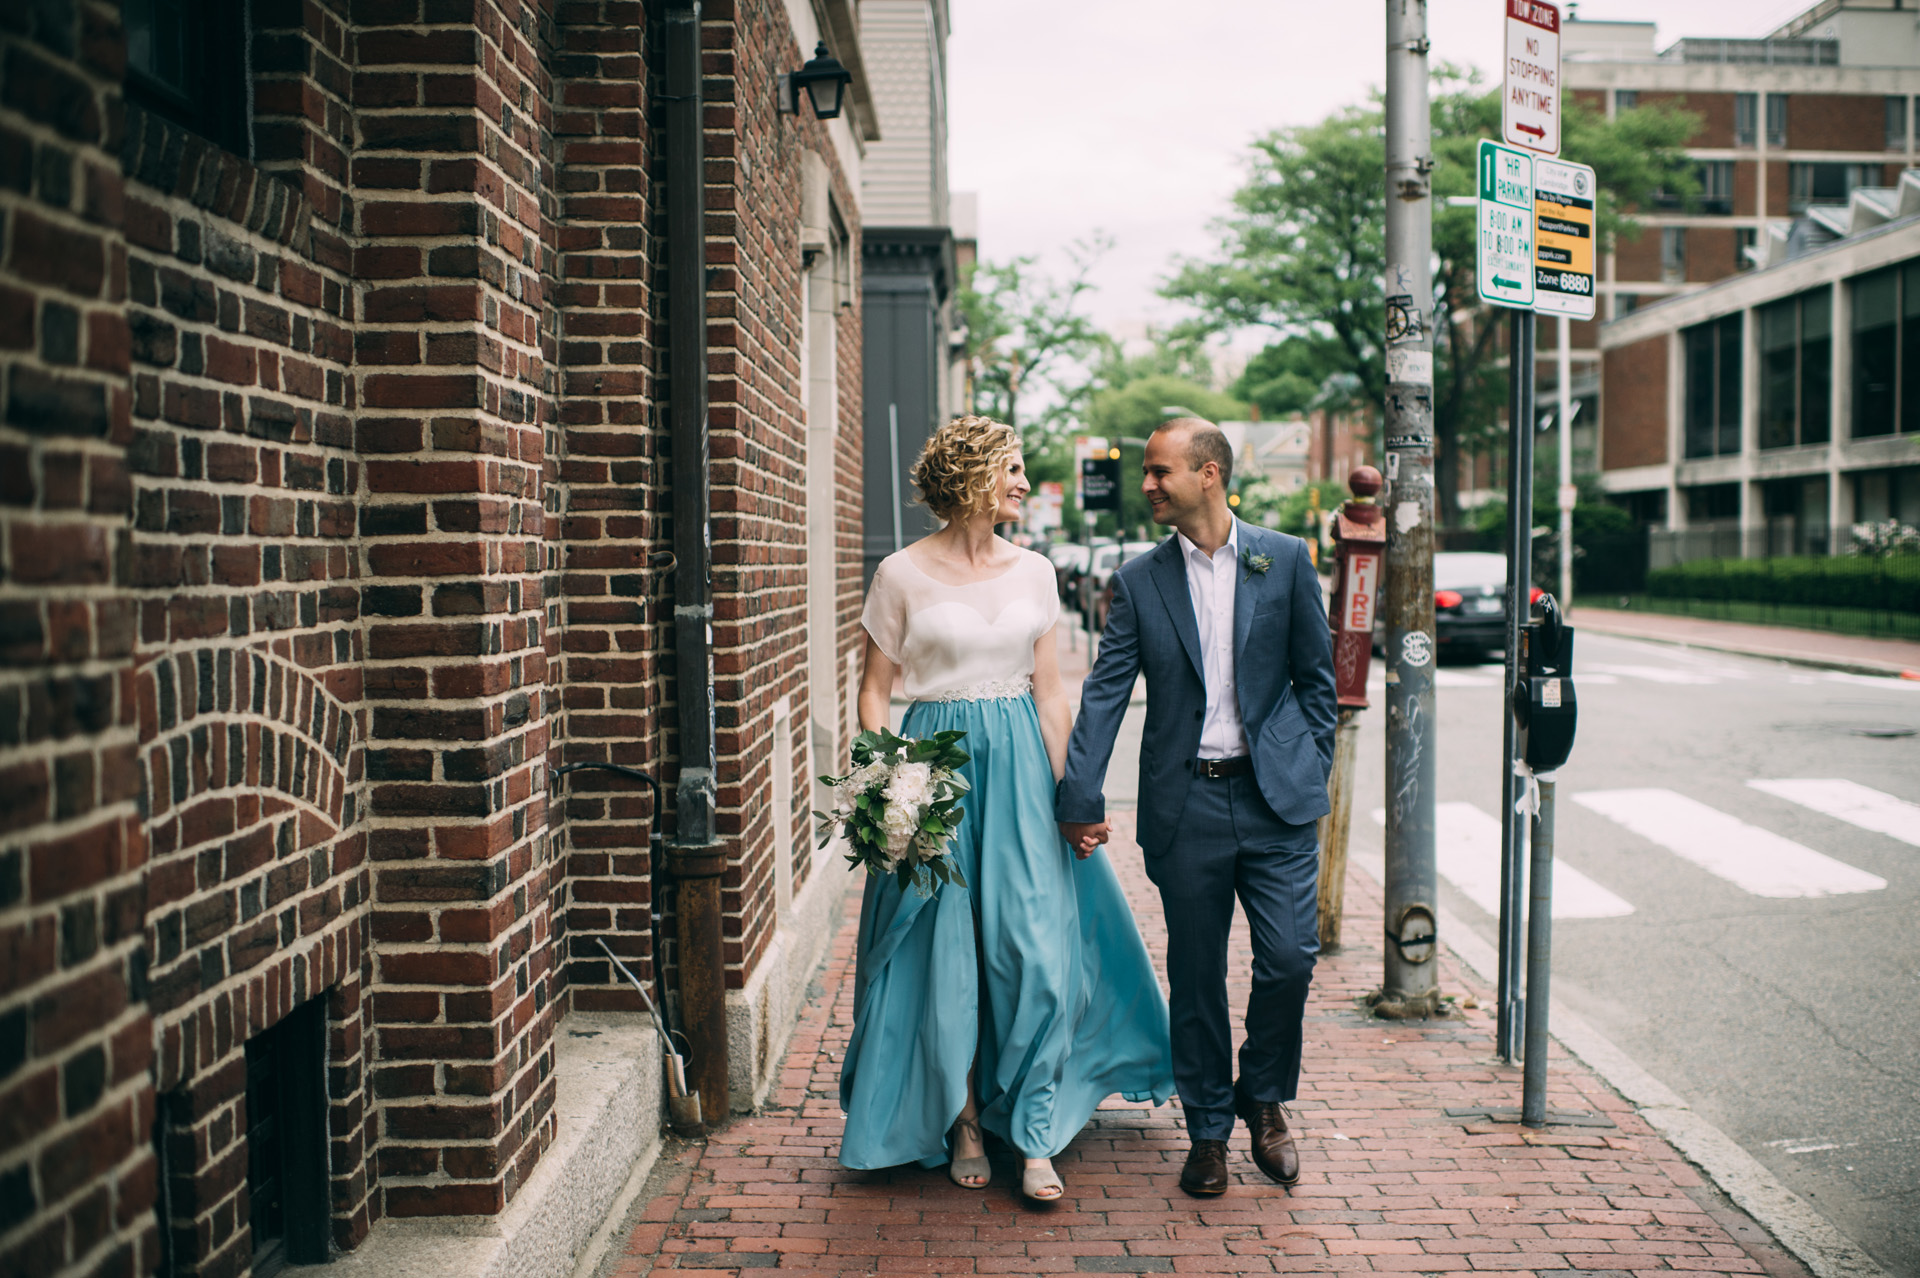 alden-harlow-wedding-photographer-27